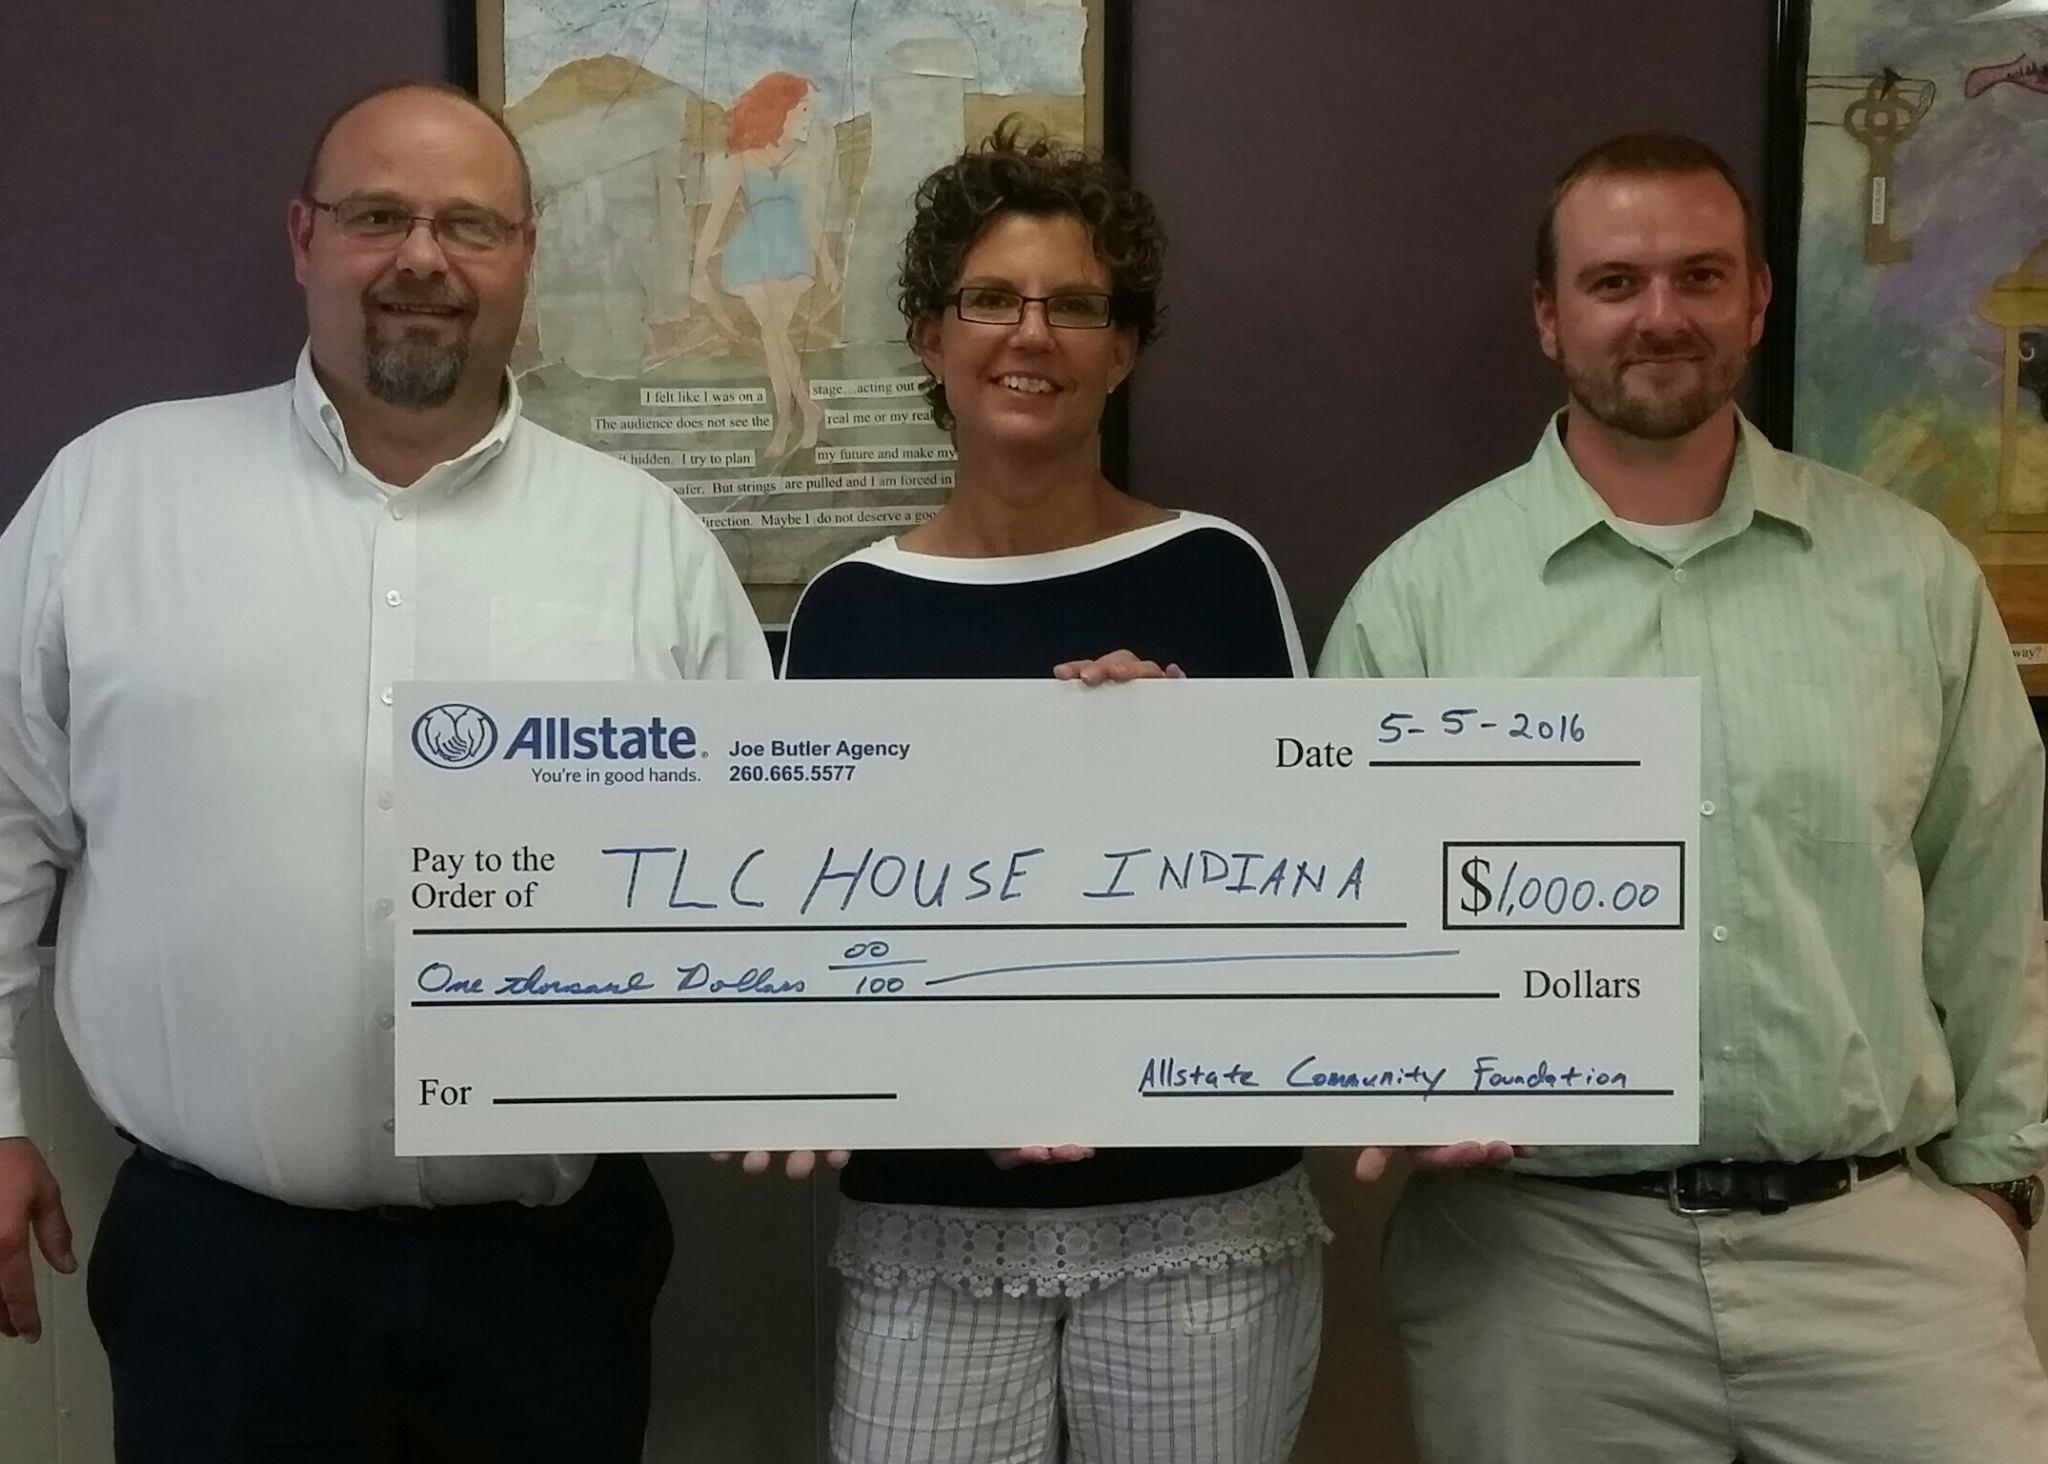 Joe Butler: Allstate Insurance image 6